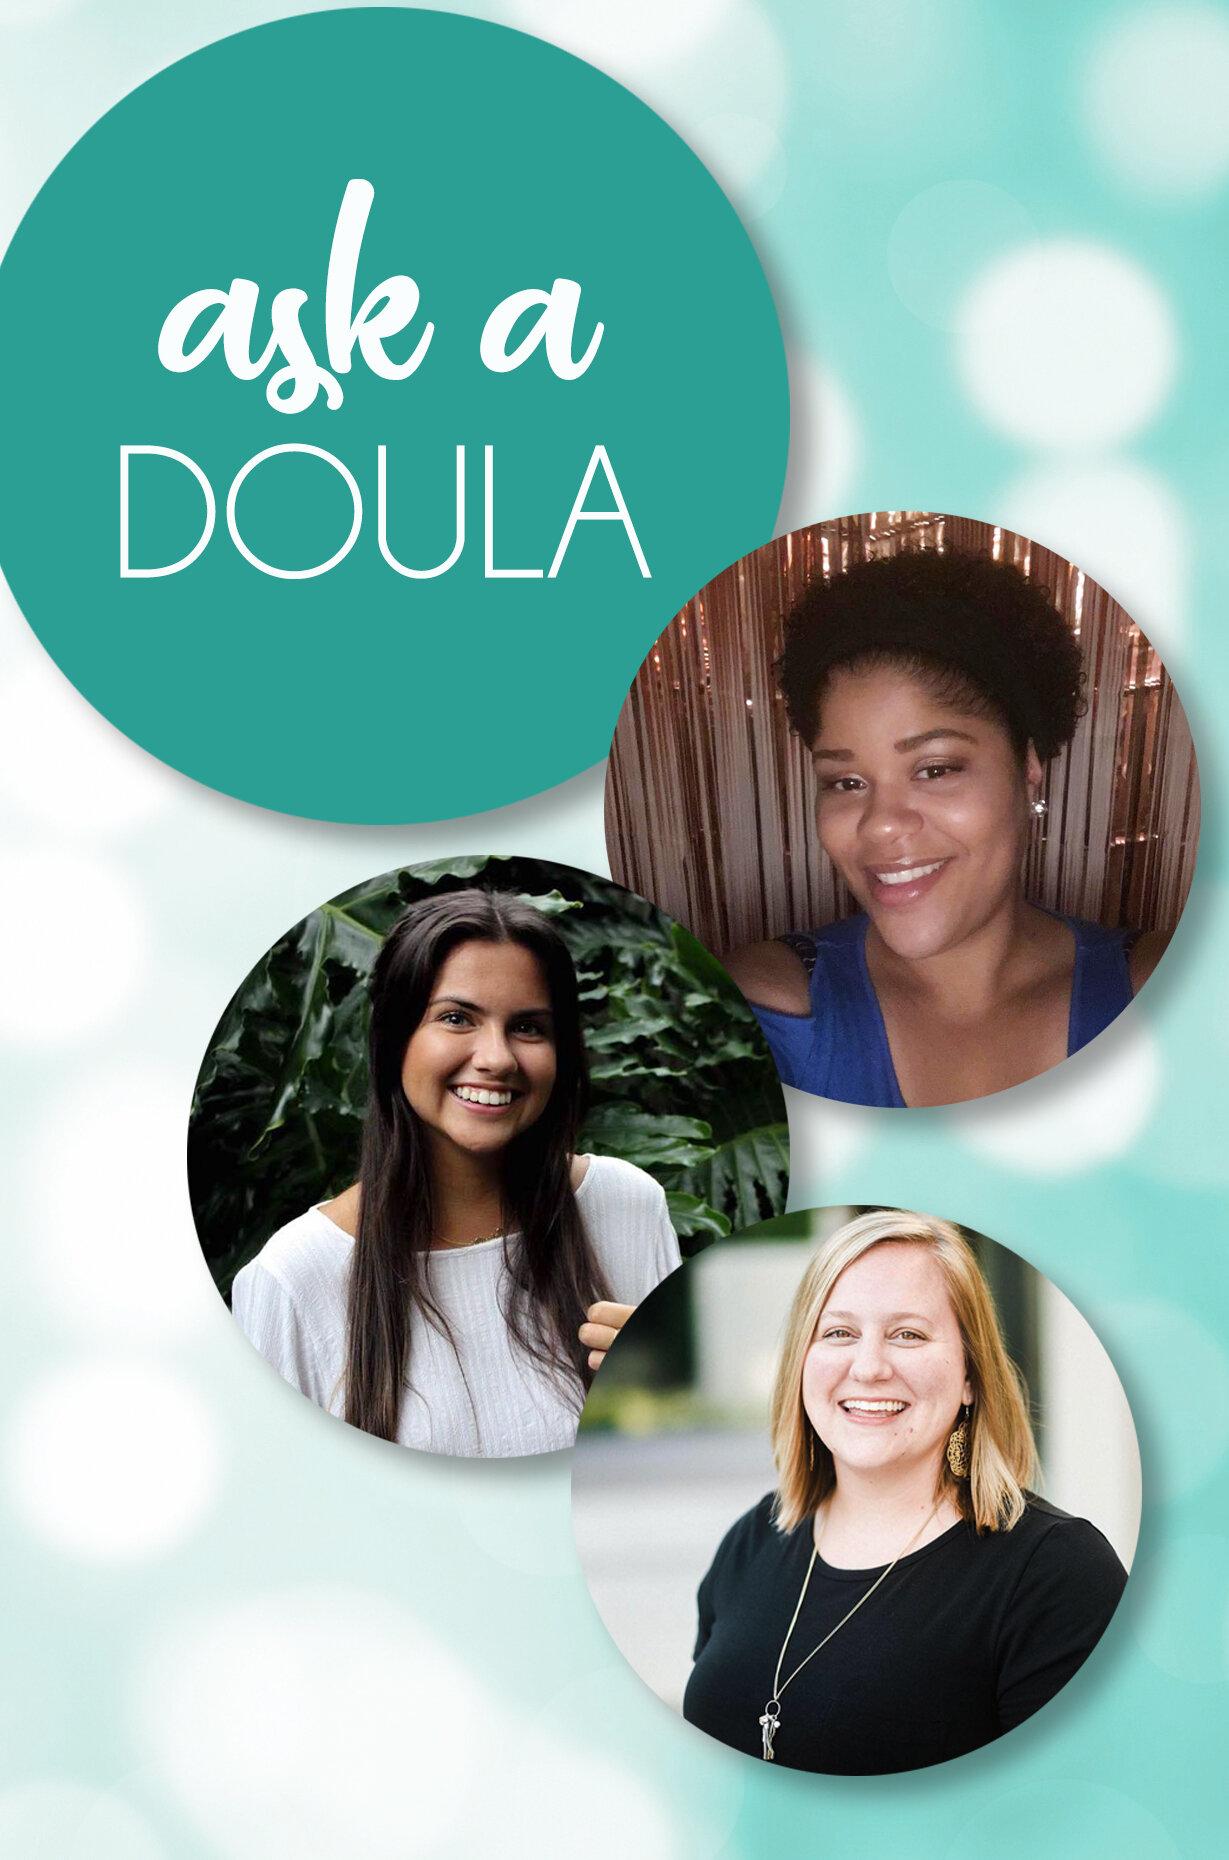 Demandez à une Doula   Jacksonville Doulas - Dallas Arthur Photography